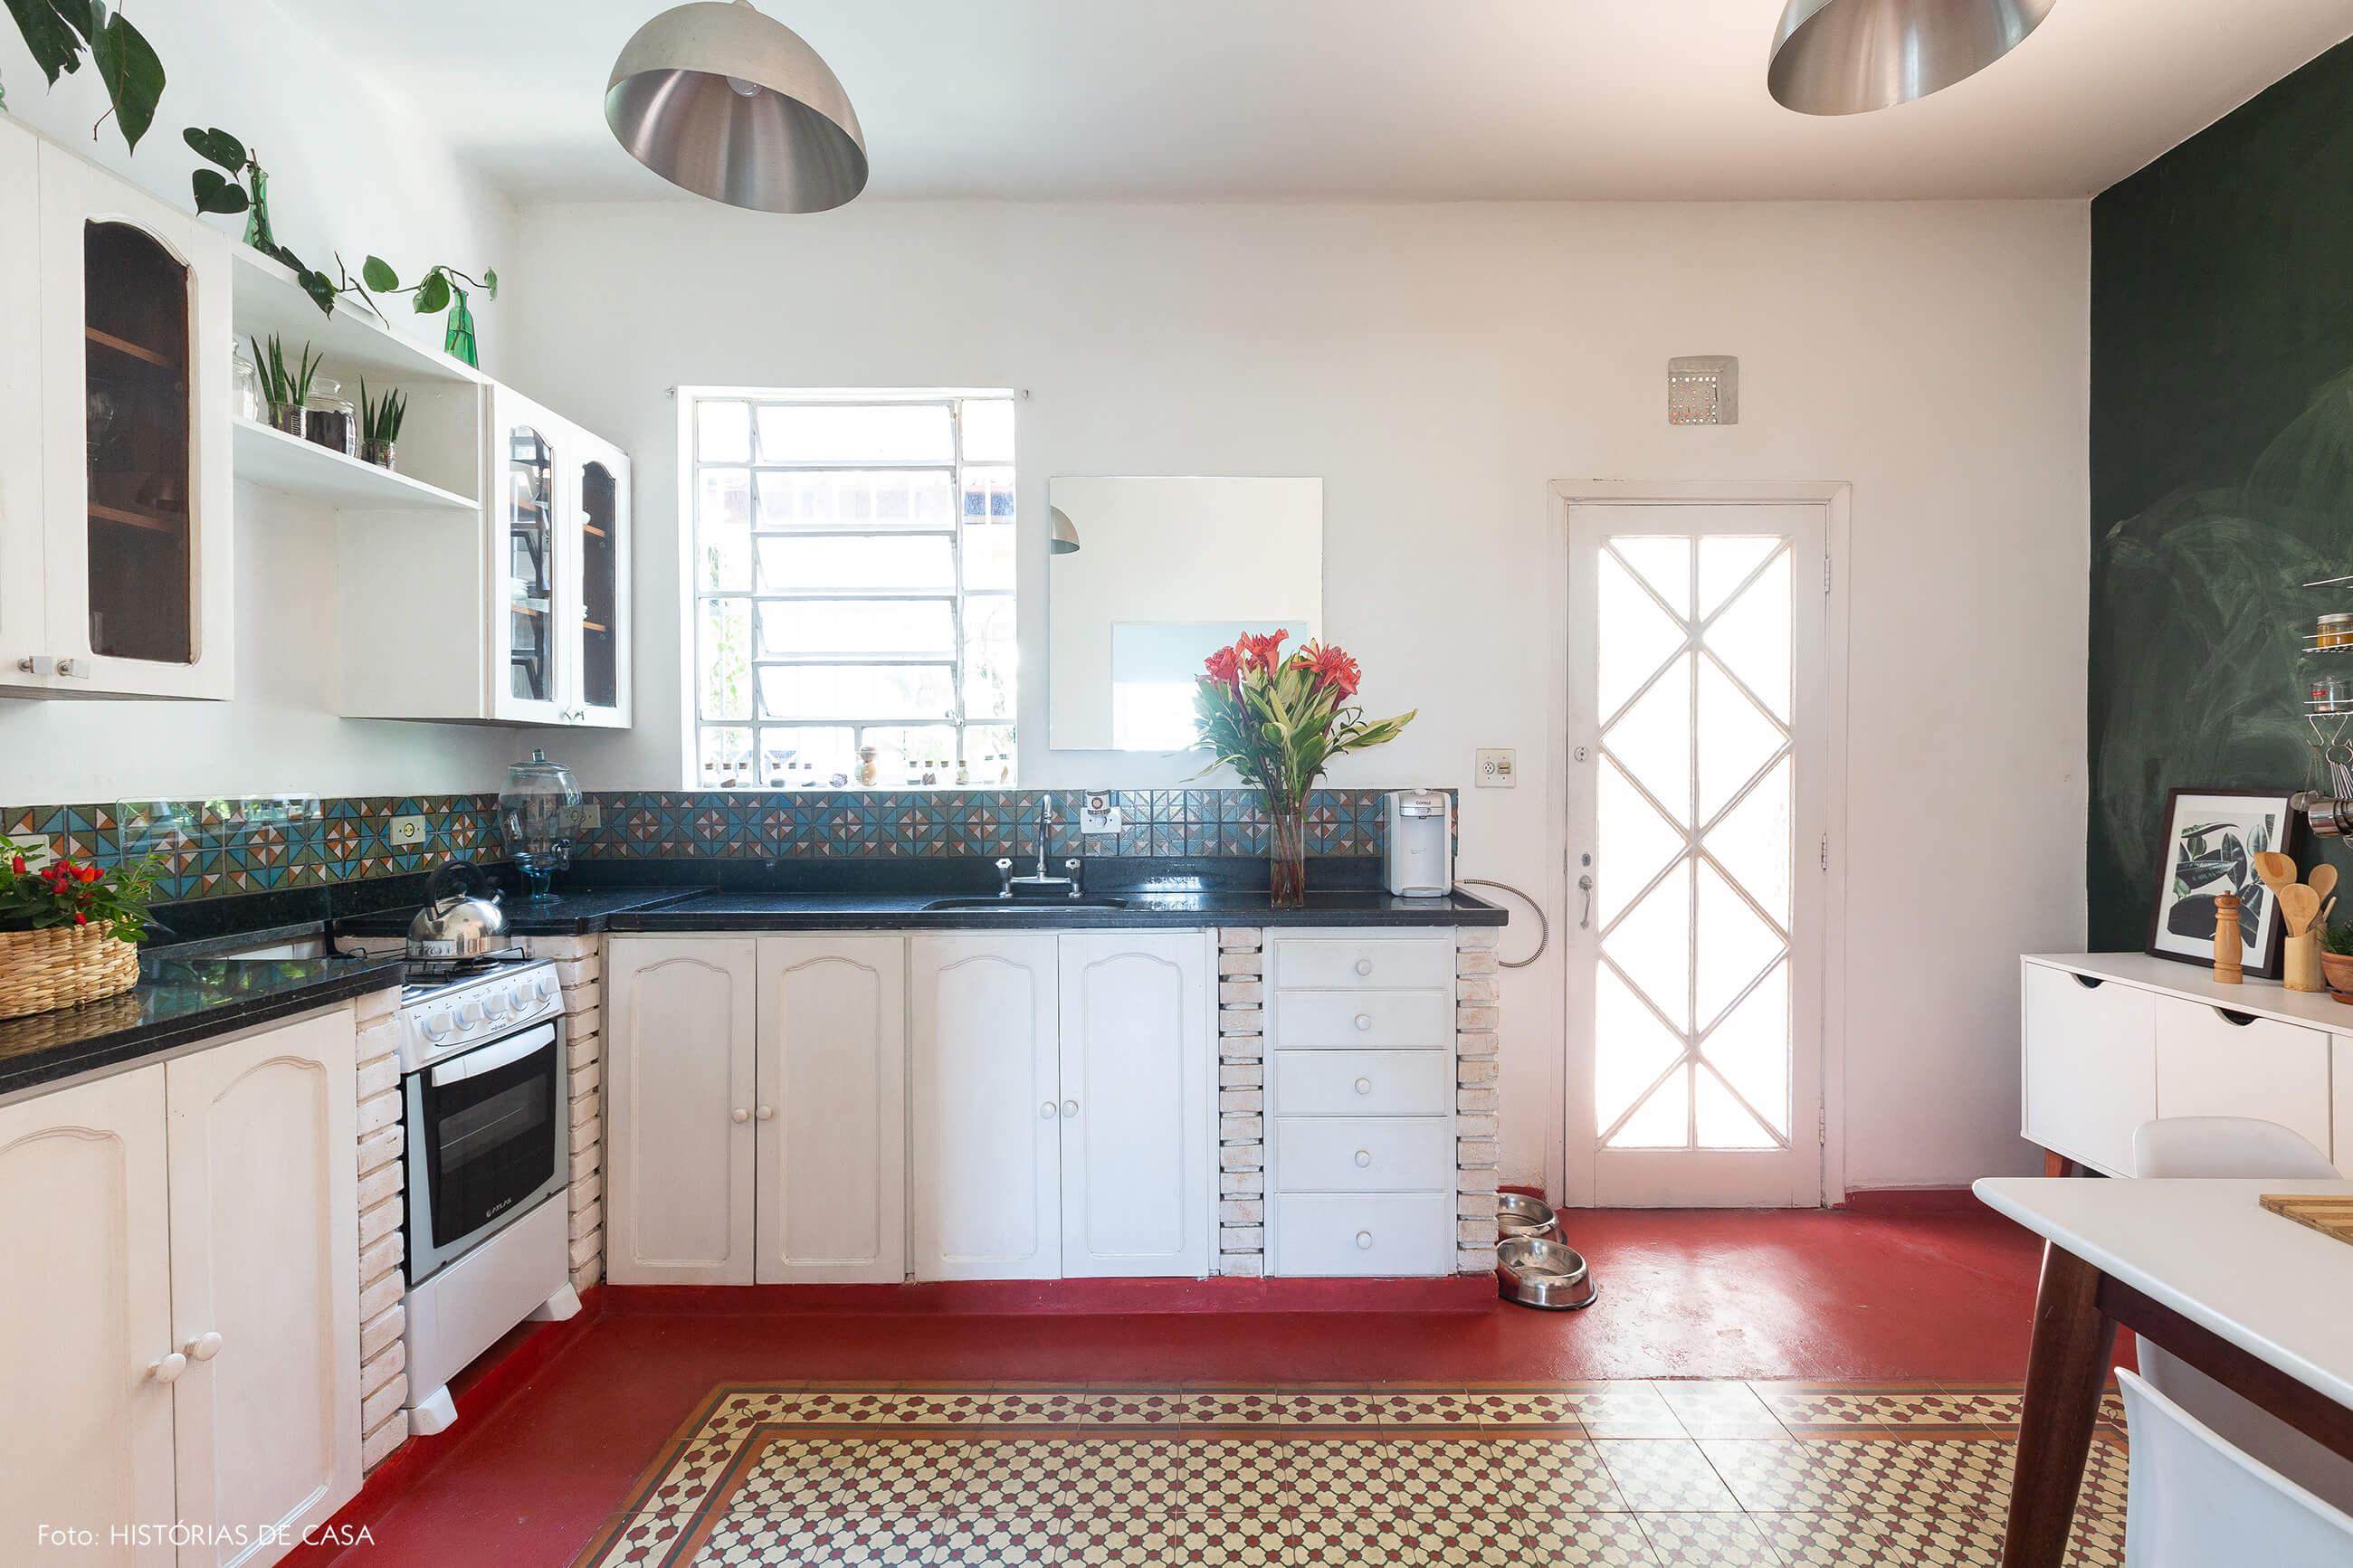 Cozinha de casa antiga com piso de ladrilhos